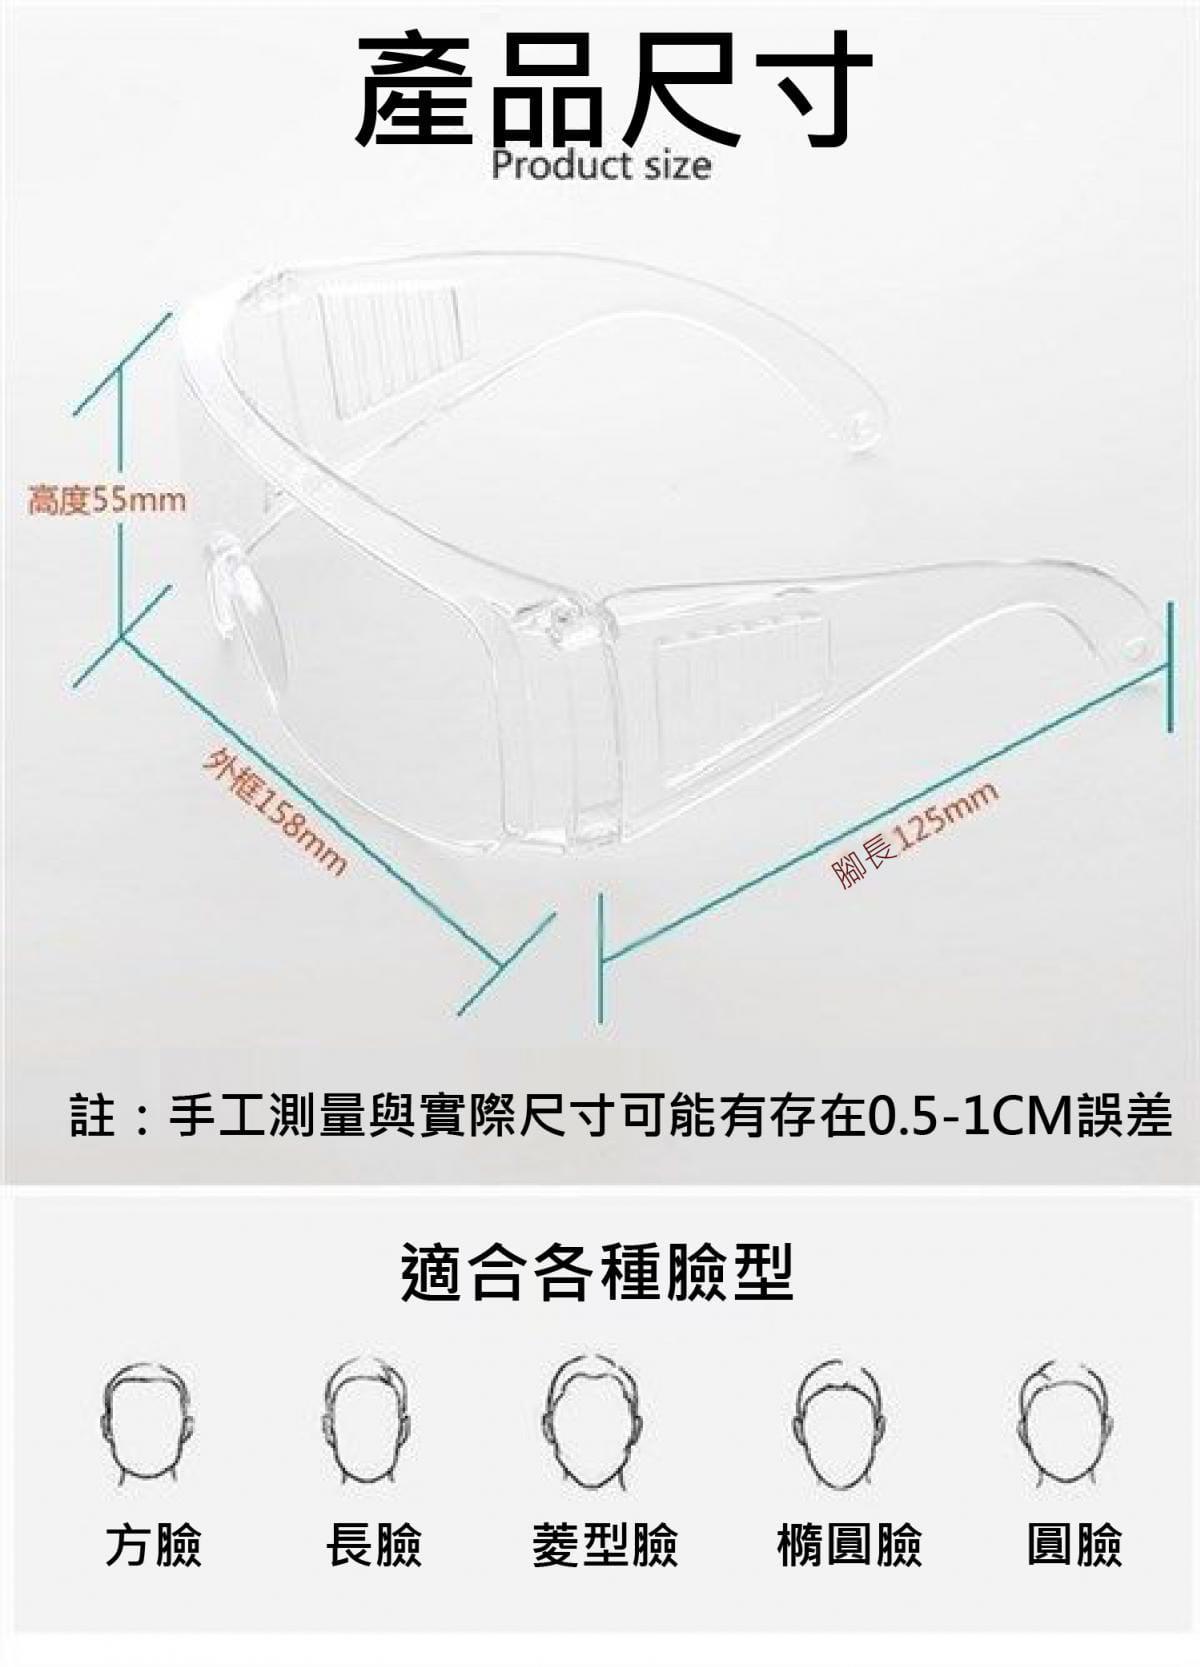 【英才星】台灣製防霧透明運動護目眼鏡 加贈眼鏡袋+眼鏡布 11